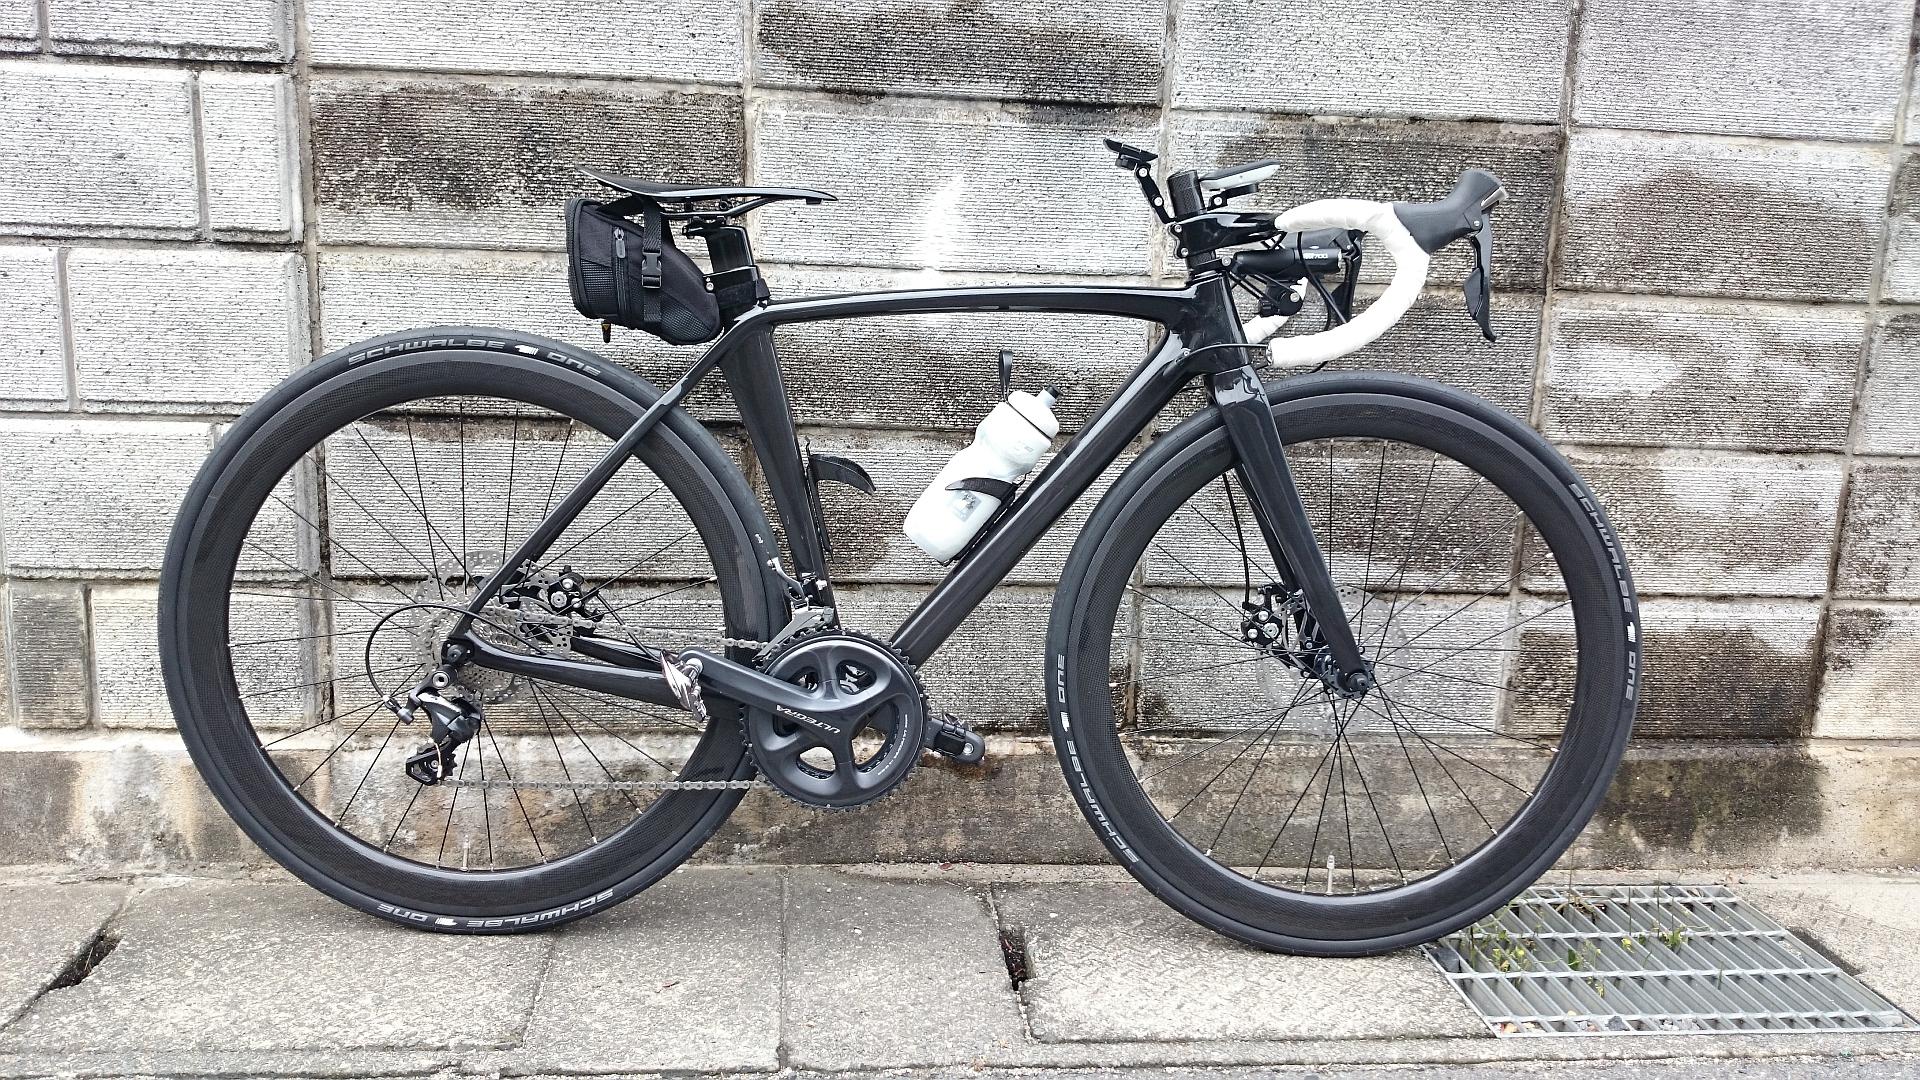 自転車の 中国製自転車のフレーム : 車、自転車、ゲーム、写真 ...